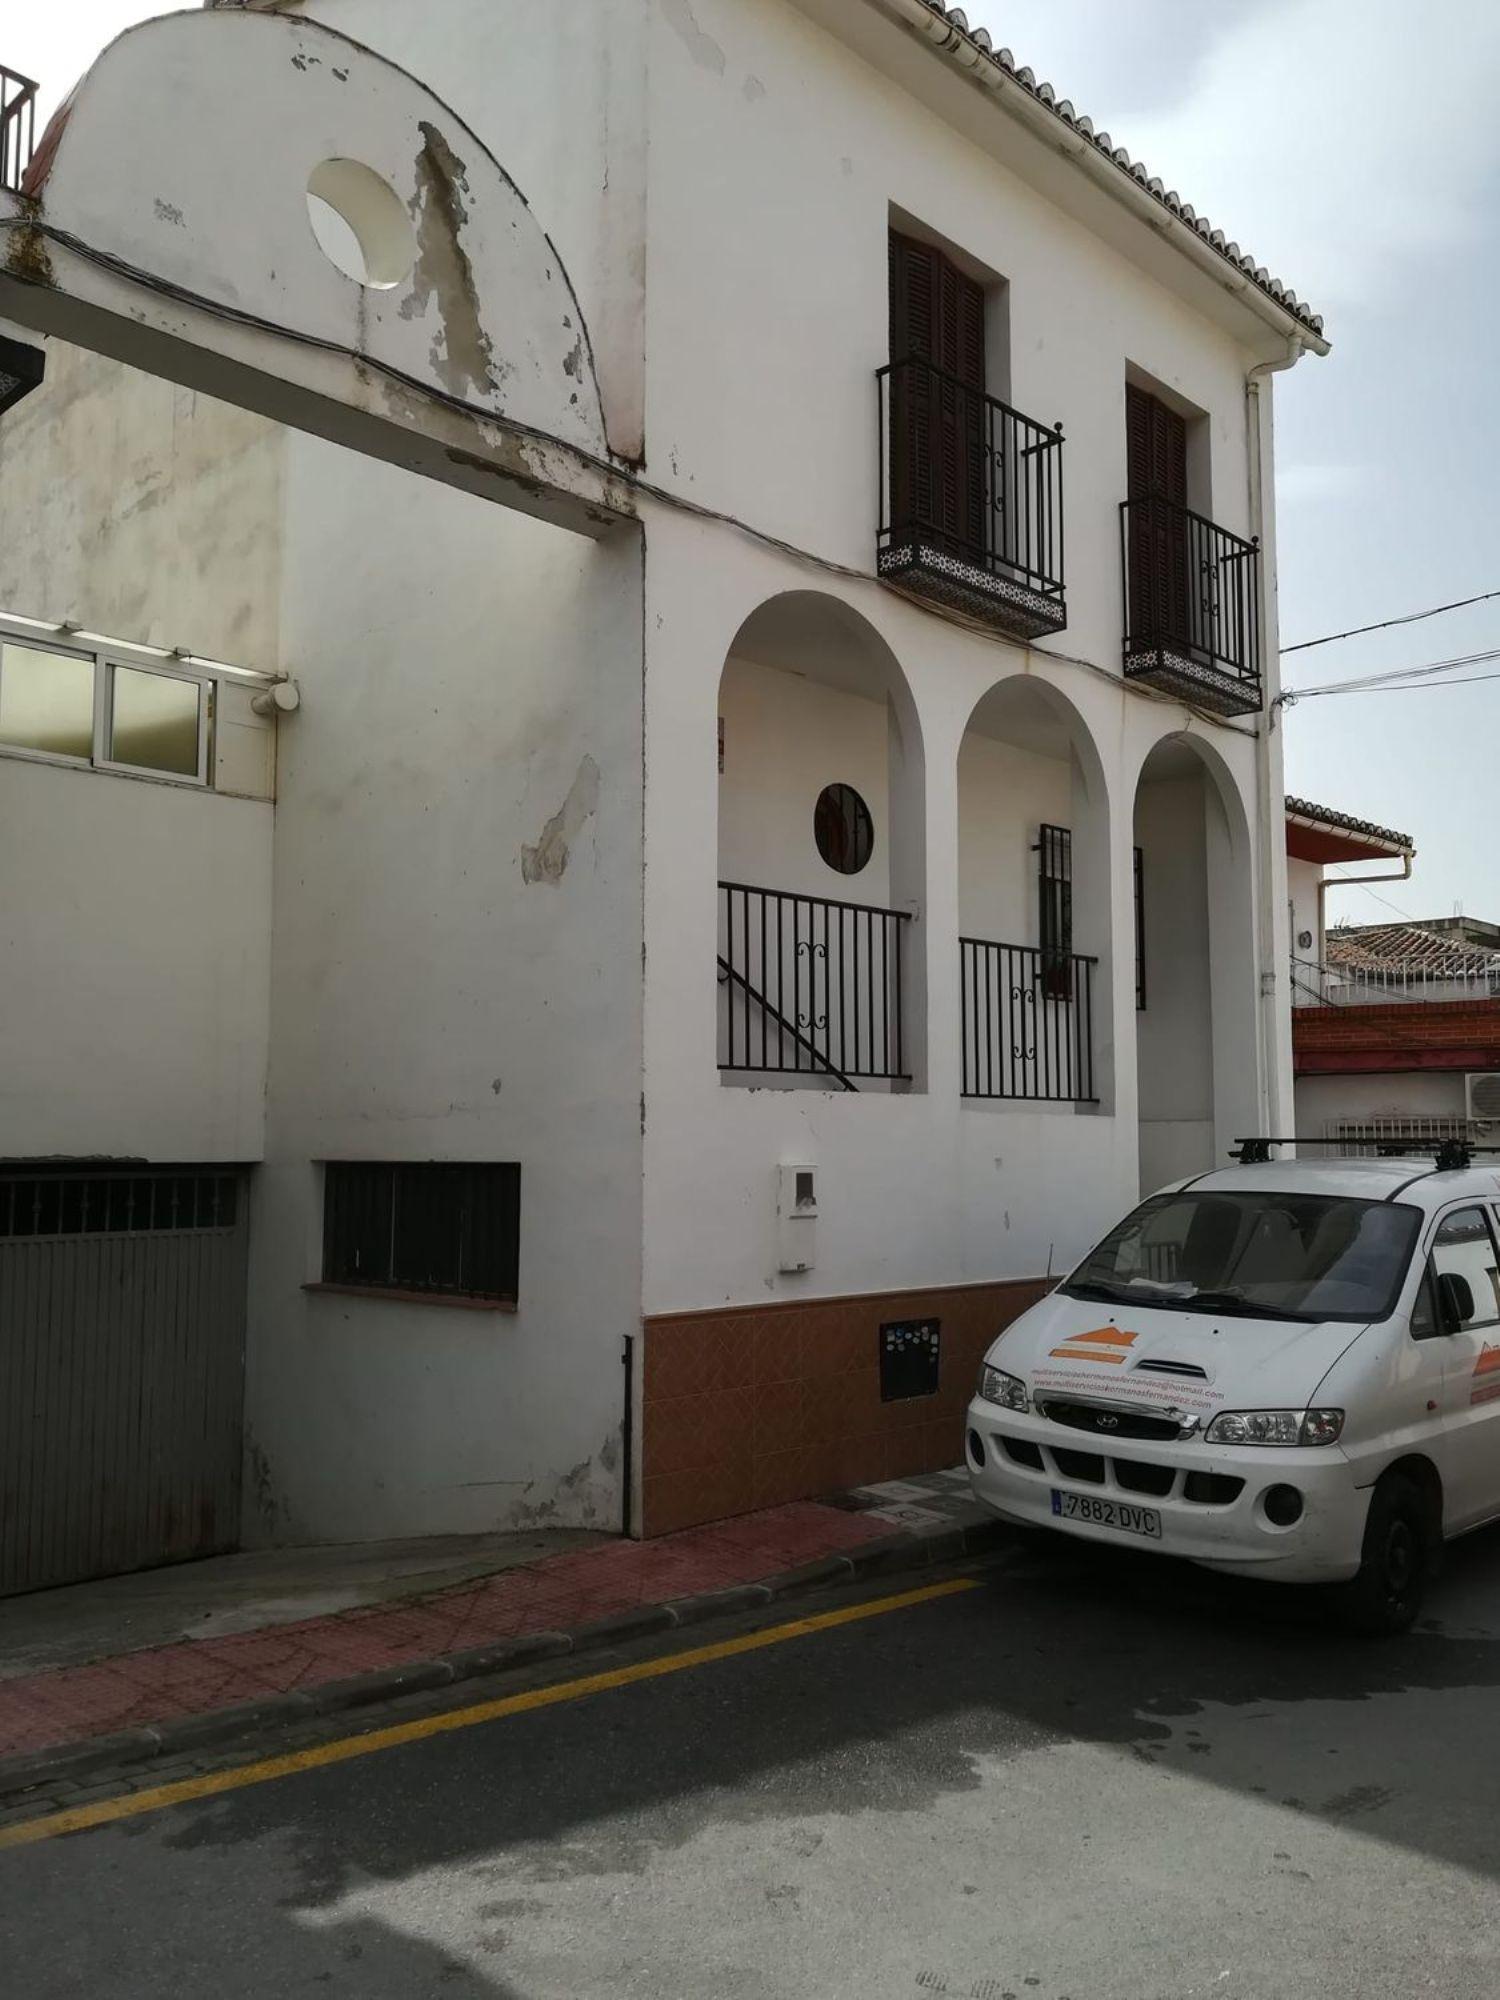 Venta de casas y pisos en Pulianas Granada